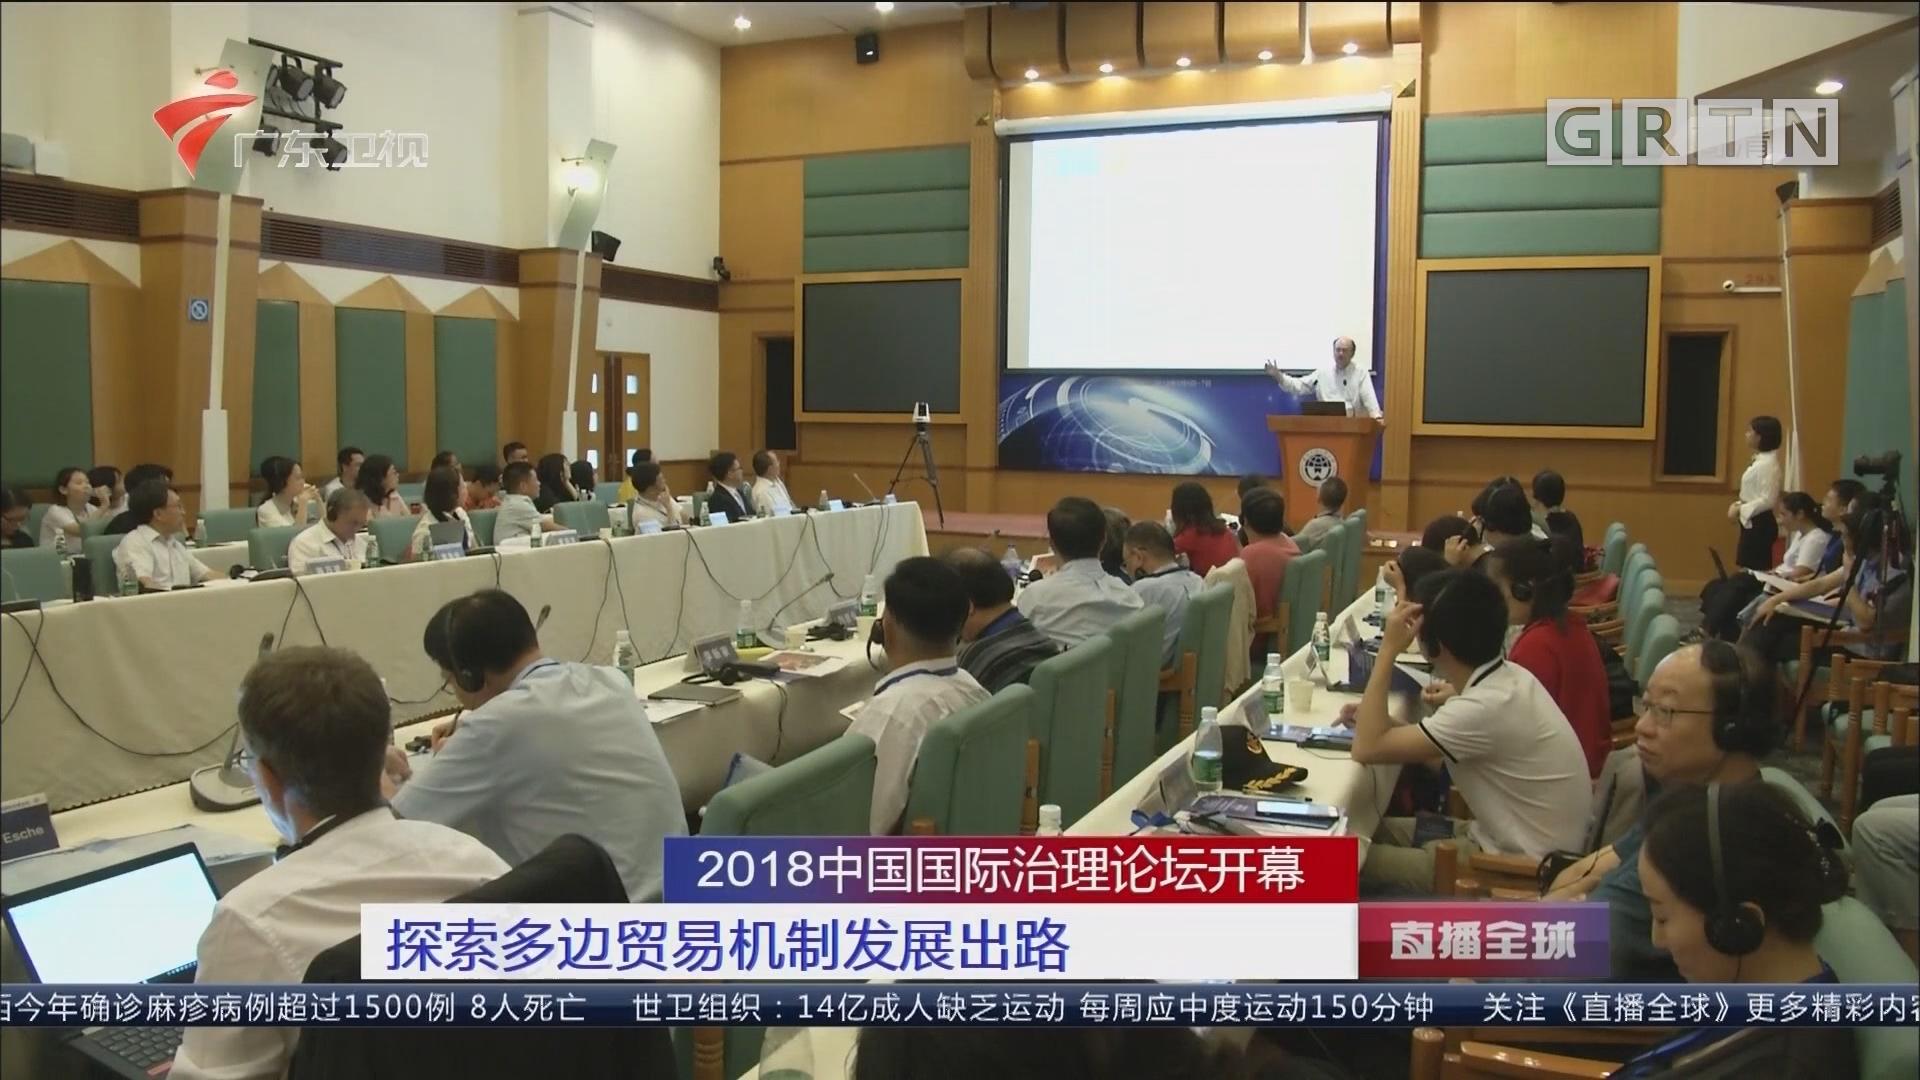 2018中国国际治理论坛开幕:探索多边贸易机制发展出路